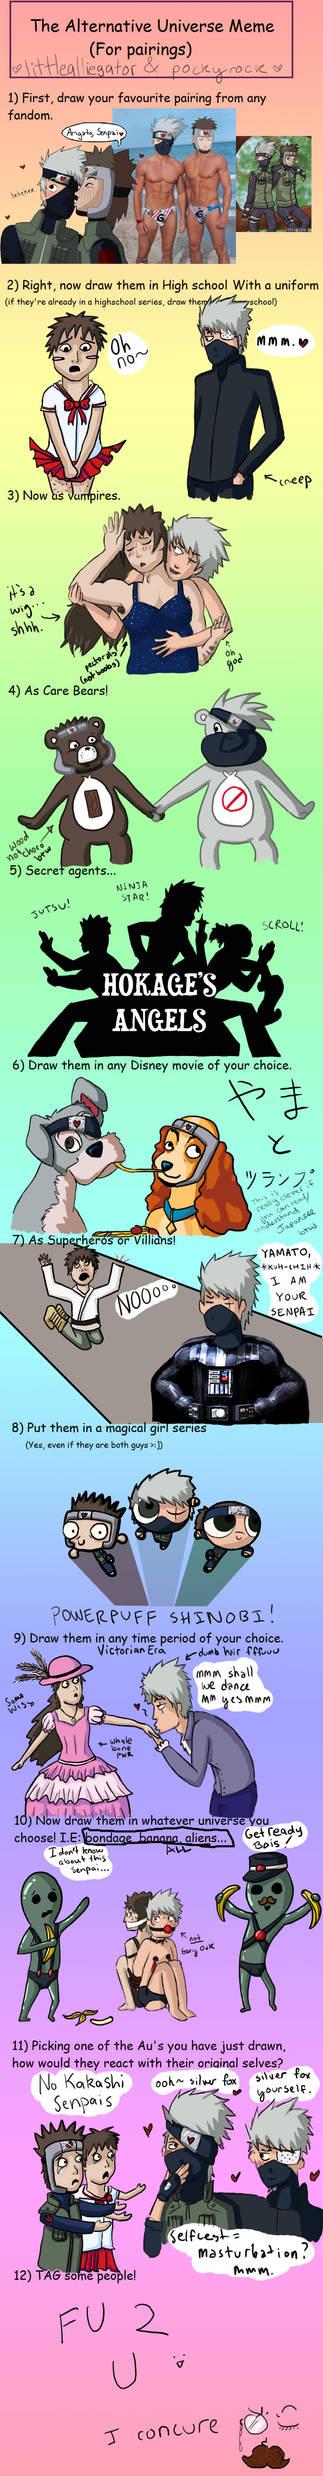 Best Kakayama Meme ever srsly